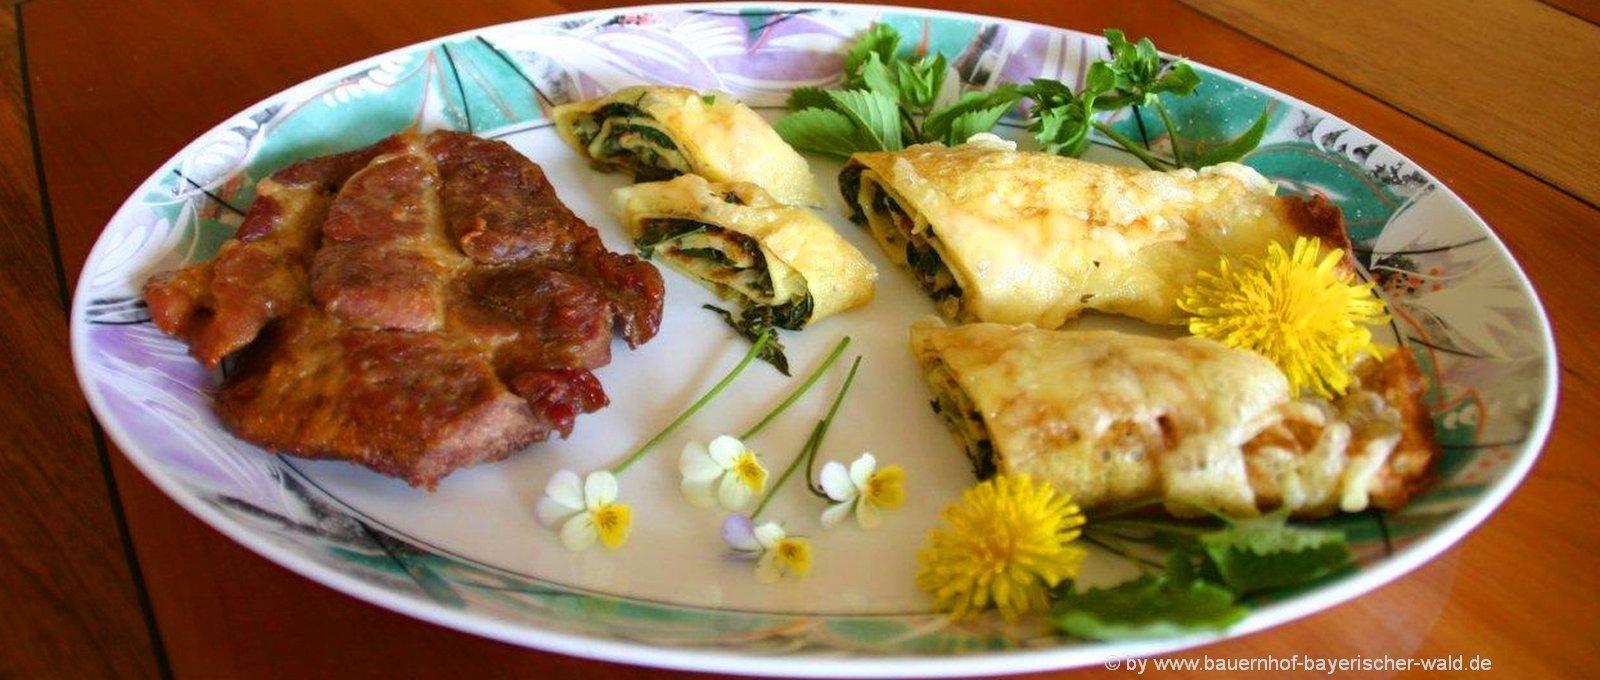 Einfache Backrezepte und leckere Kochrezepte kostenlos